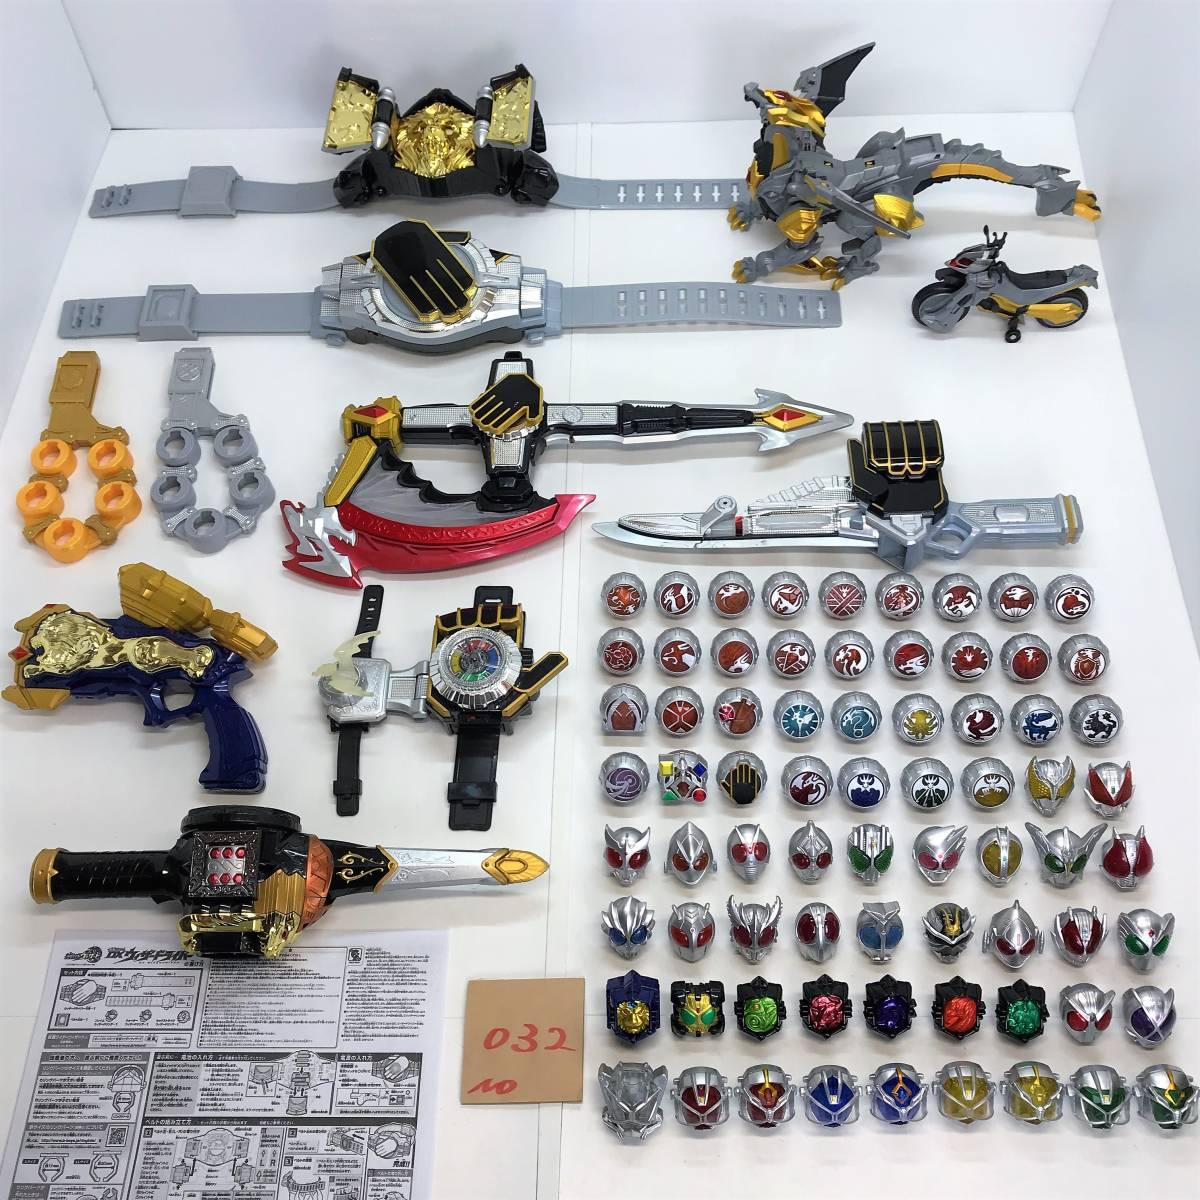 仮面ライダー ウィザード ビースト ウィザードライバー リング 指輪 変身ベルト 武器 DX セット 玩具 おもちゃ まとめて なりきり 大量